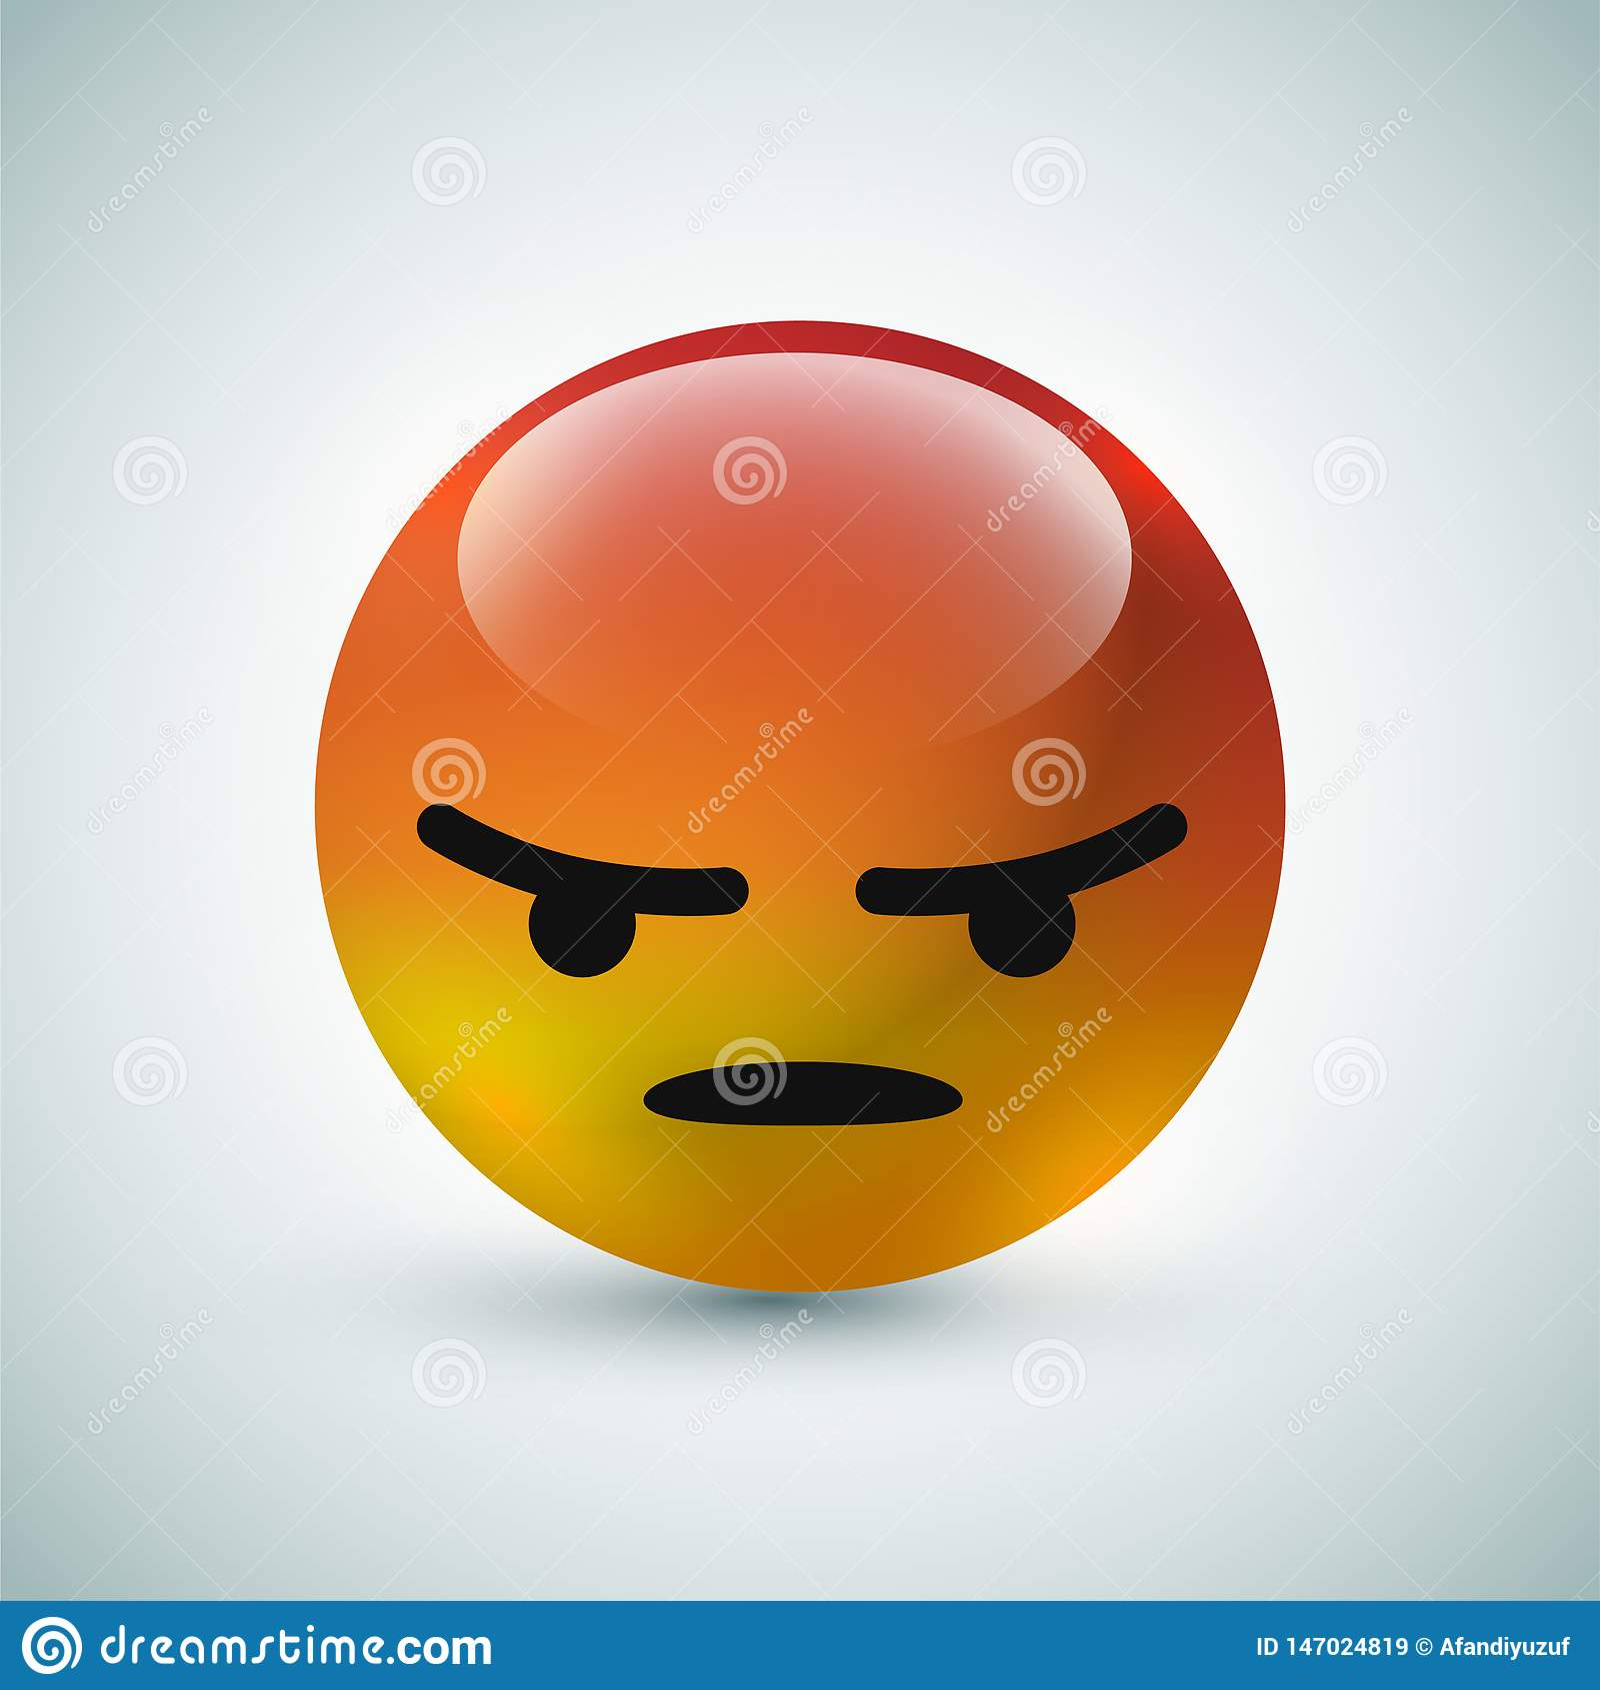 Hoog - bel van het kwaliteits babbelt 3d vector ronde gele beeldverhaal emoticons voor sociale media commentaarreacties, het gezi